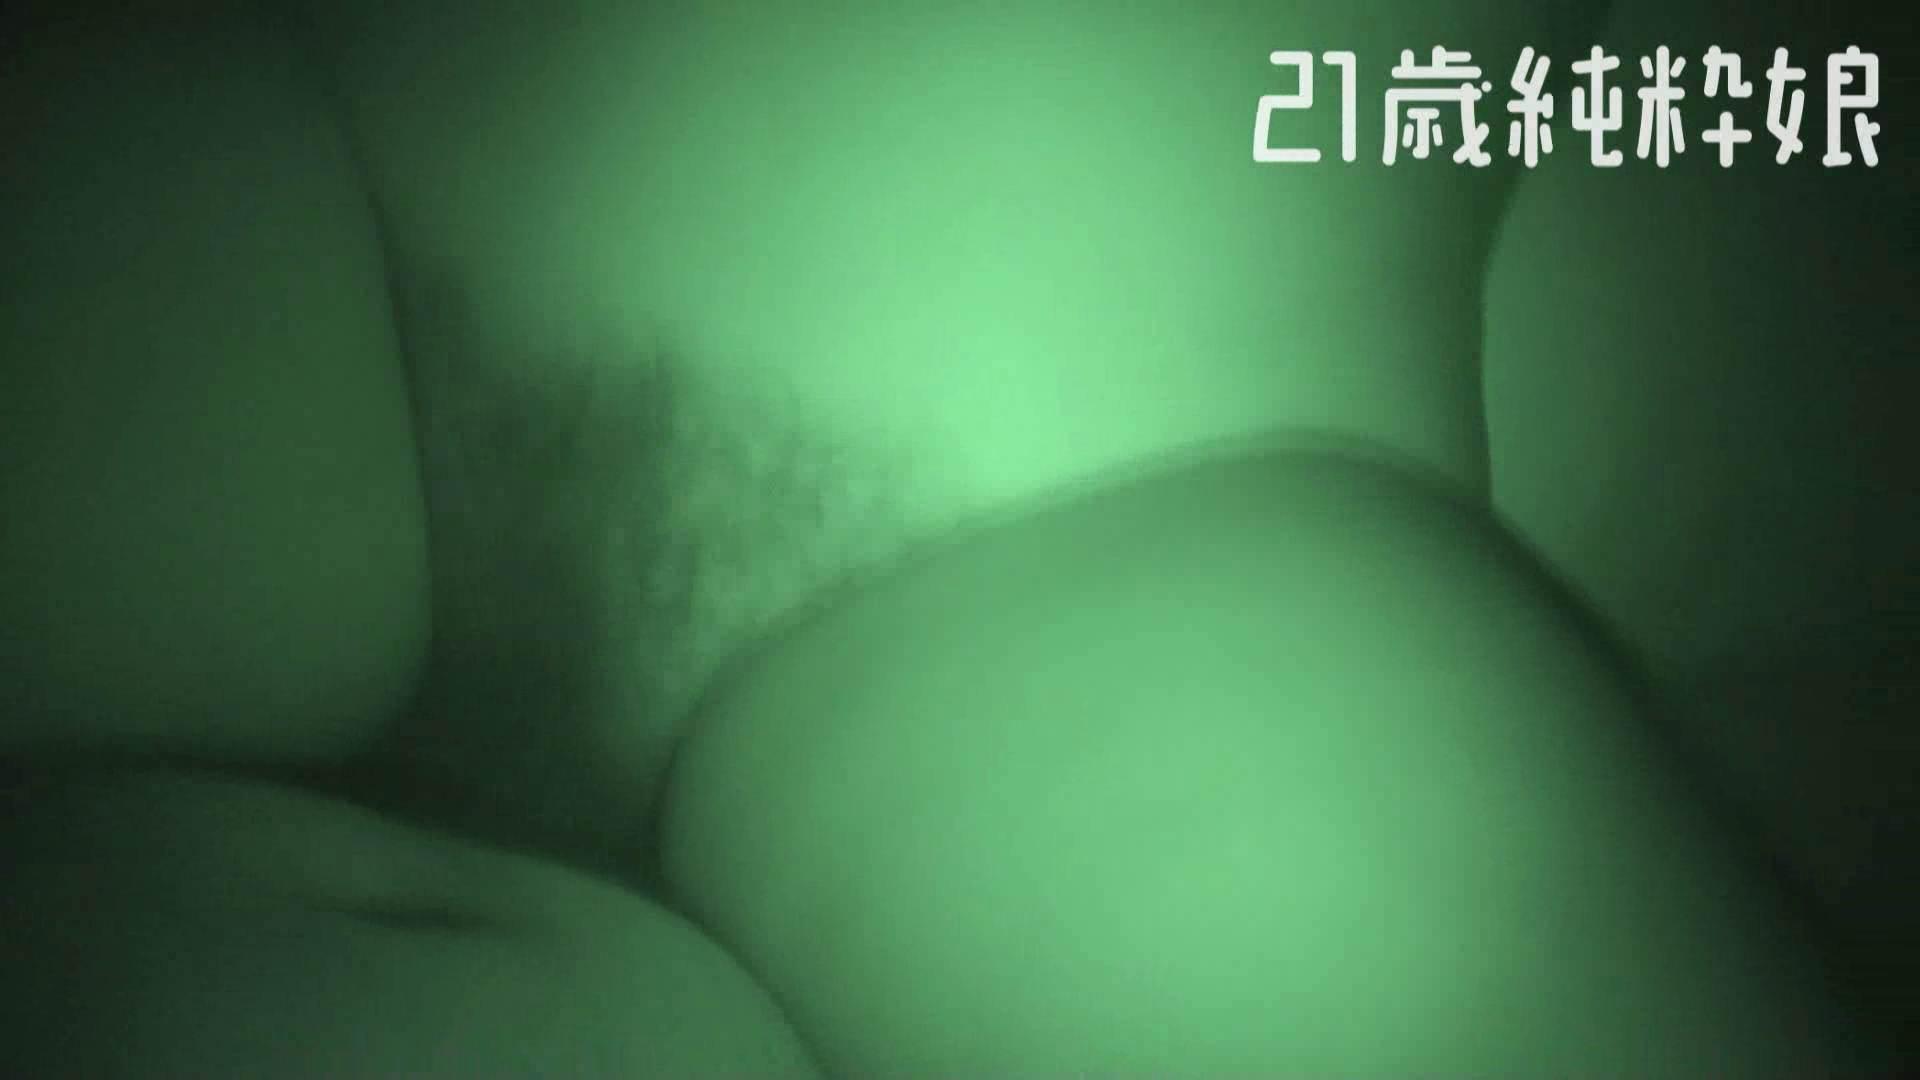 上京したばかりのGカップ21歳純粋嬢を都合の良い女にしてみた3 一般投稿  102pic 90